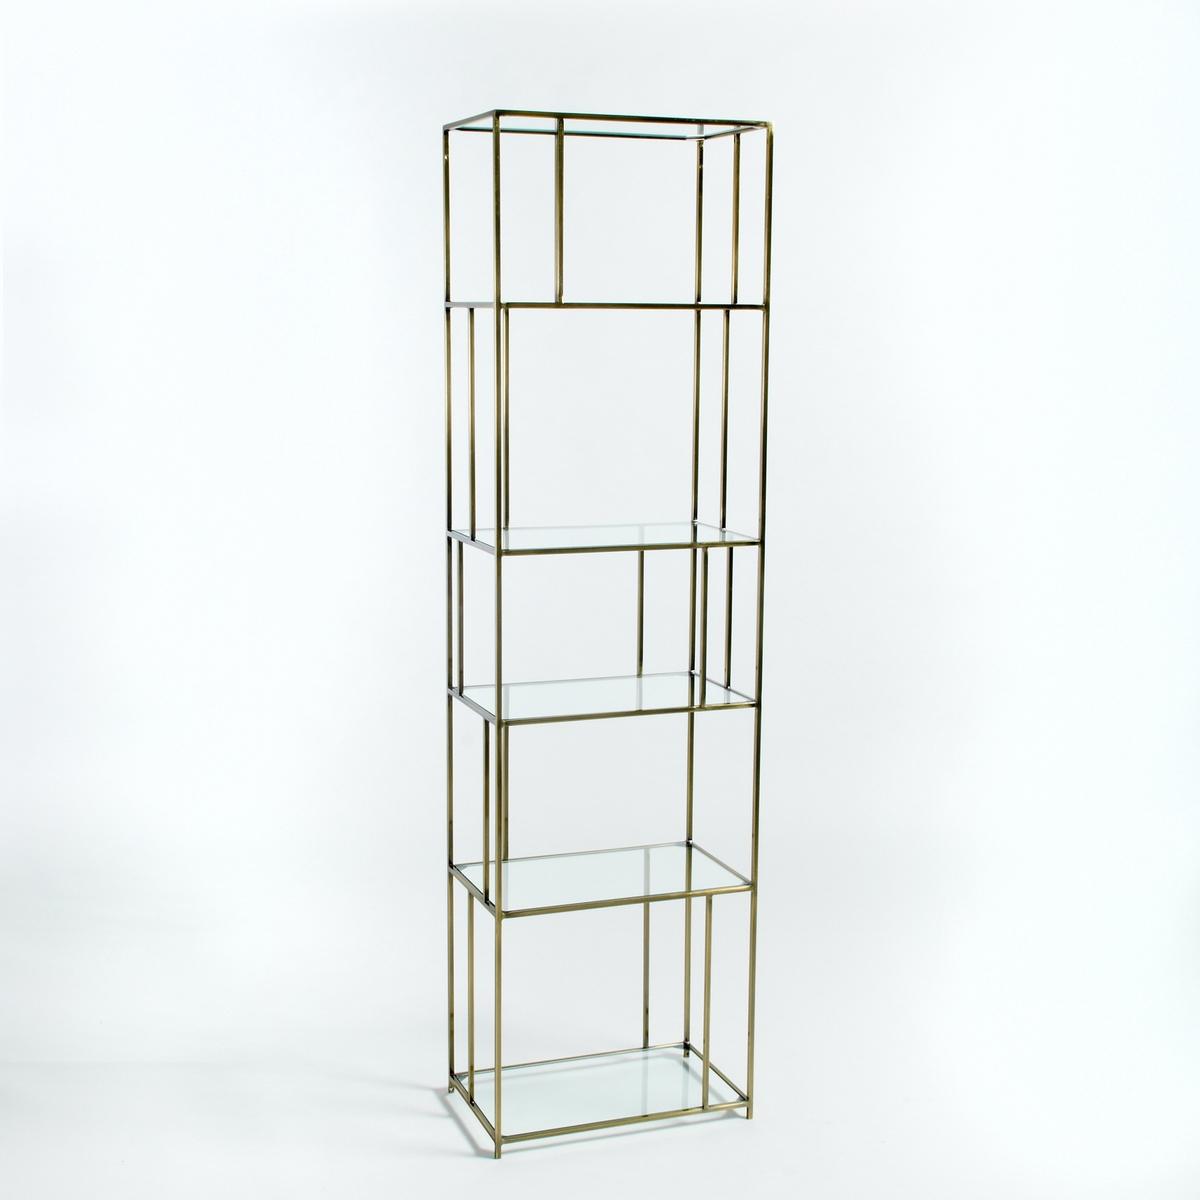 Книжный стеллаж из стекла/металла под латунь Parallel